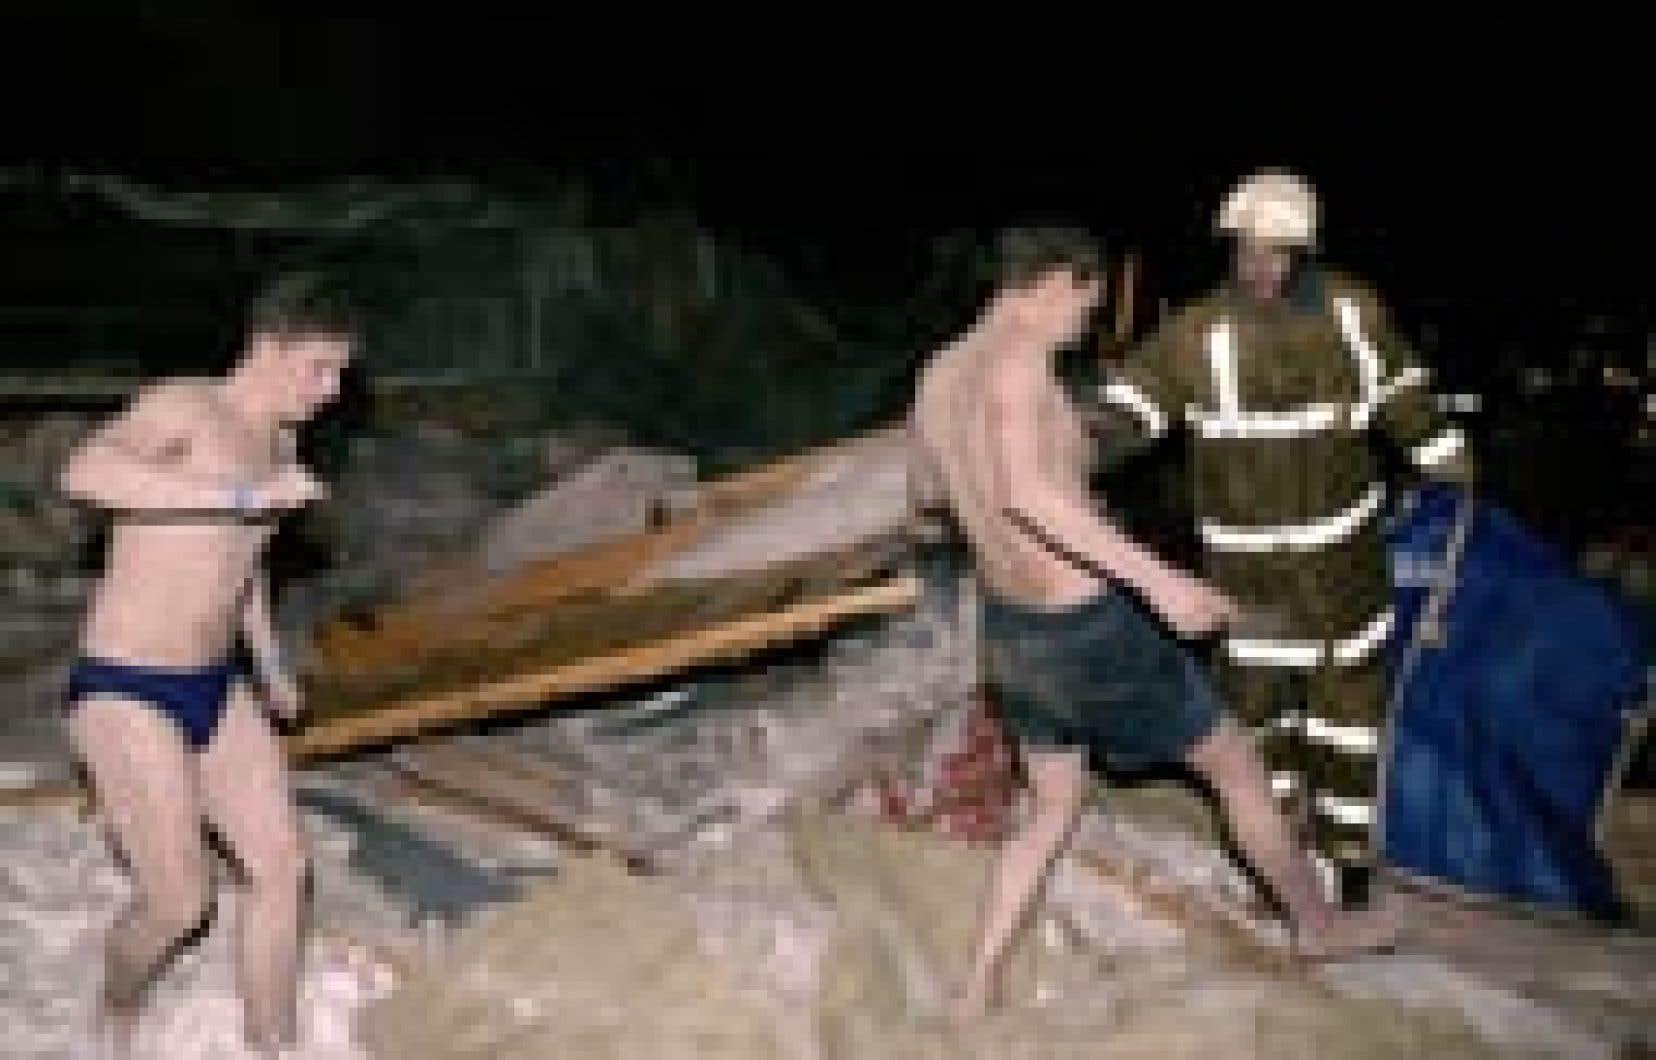 Deux hommes quittent les décombres du parc aquatique de Moscou dont le toit s'est effondré, samedi, faisant au moins 25 morts et une centaine de blessés. Environ 800 personnes se trouvaient dans cet immense centre de loisirs, dont 352 dans la zone a